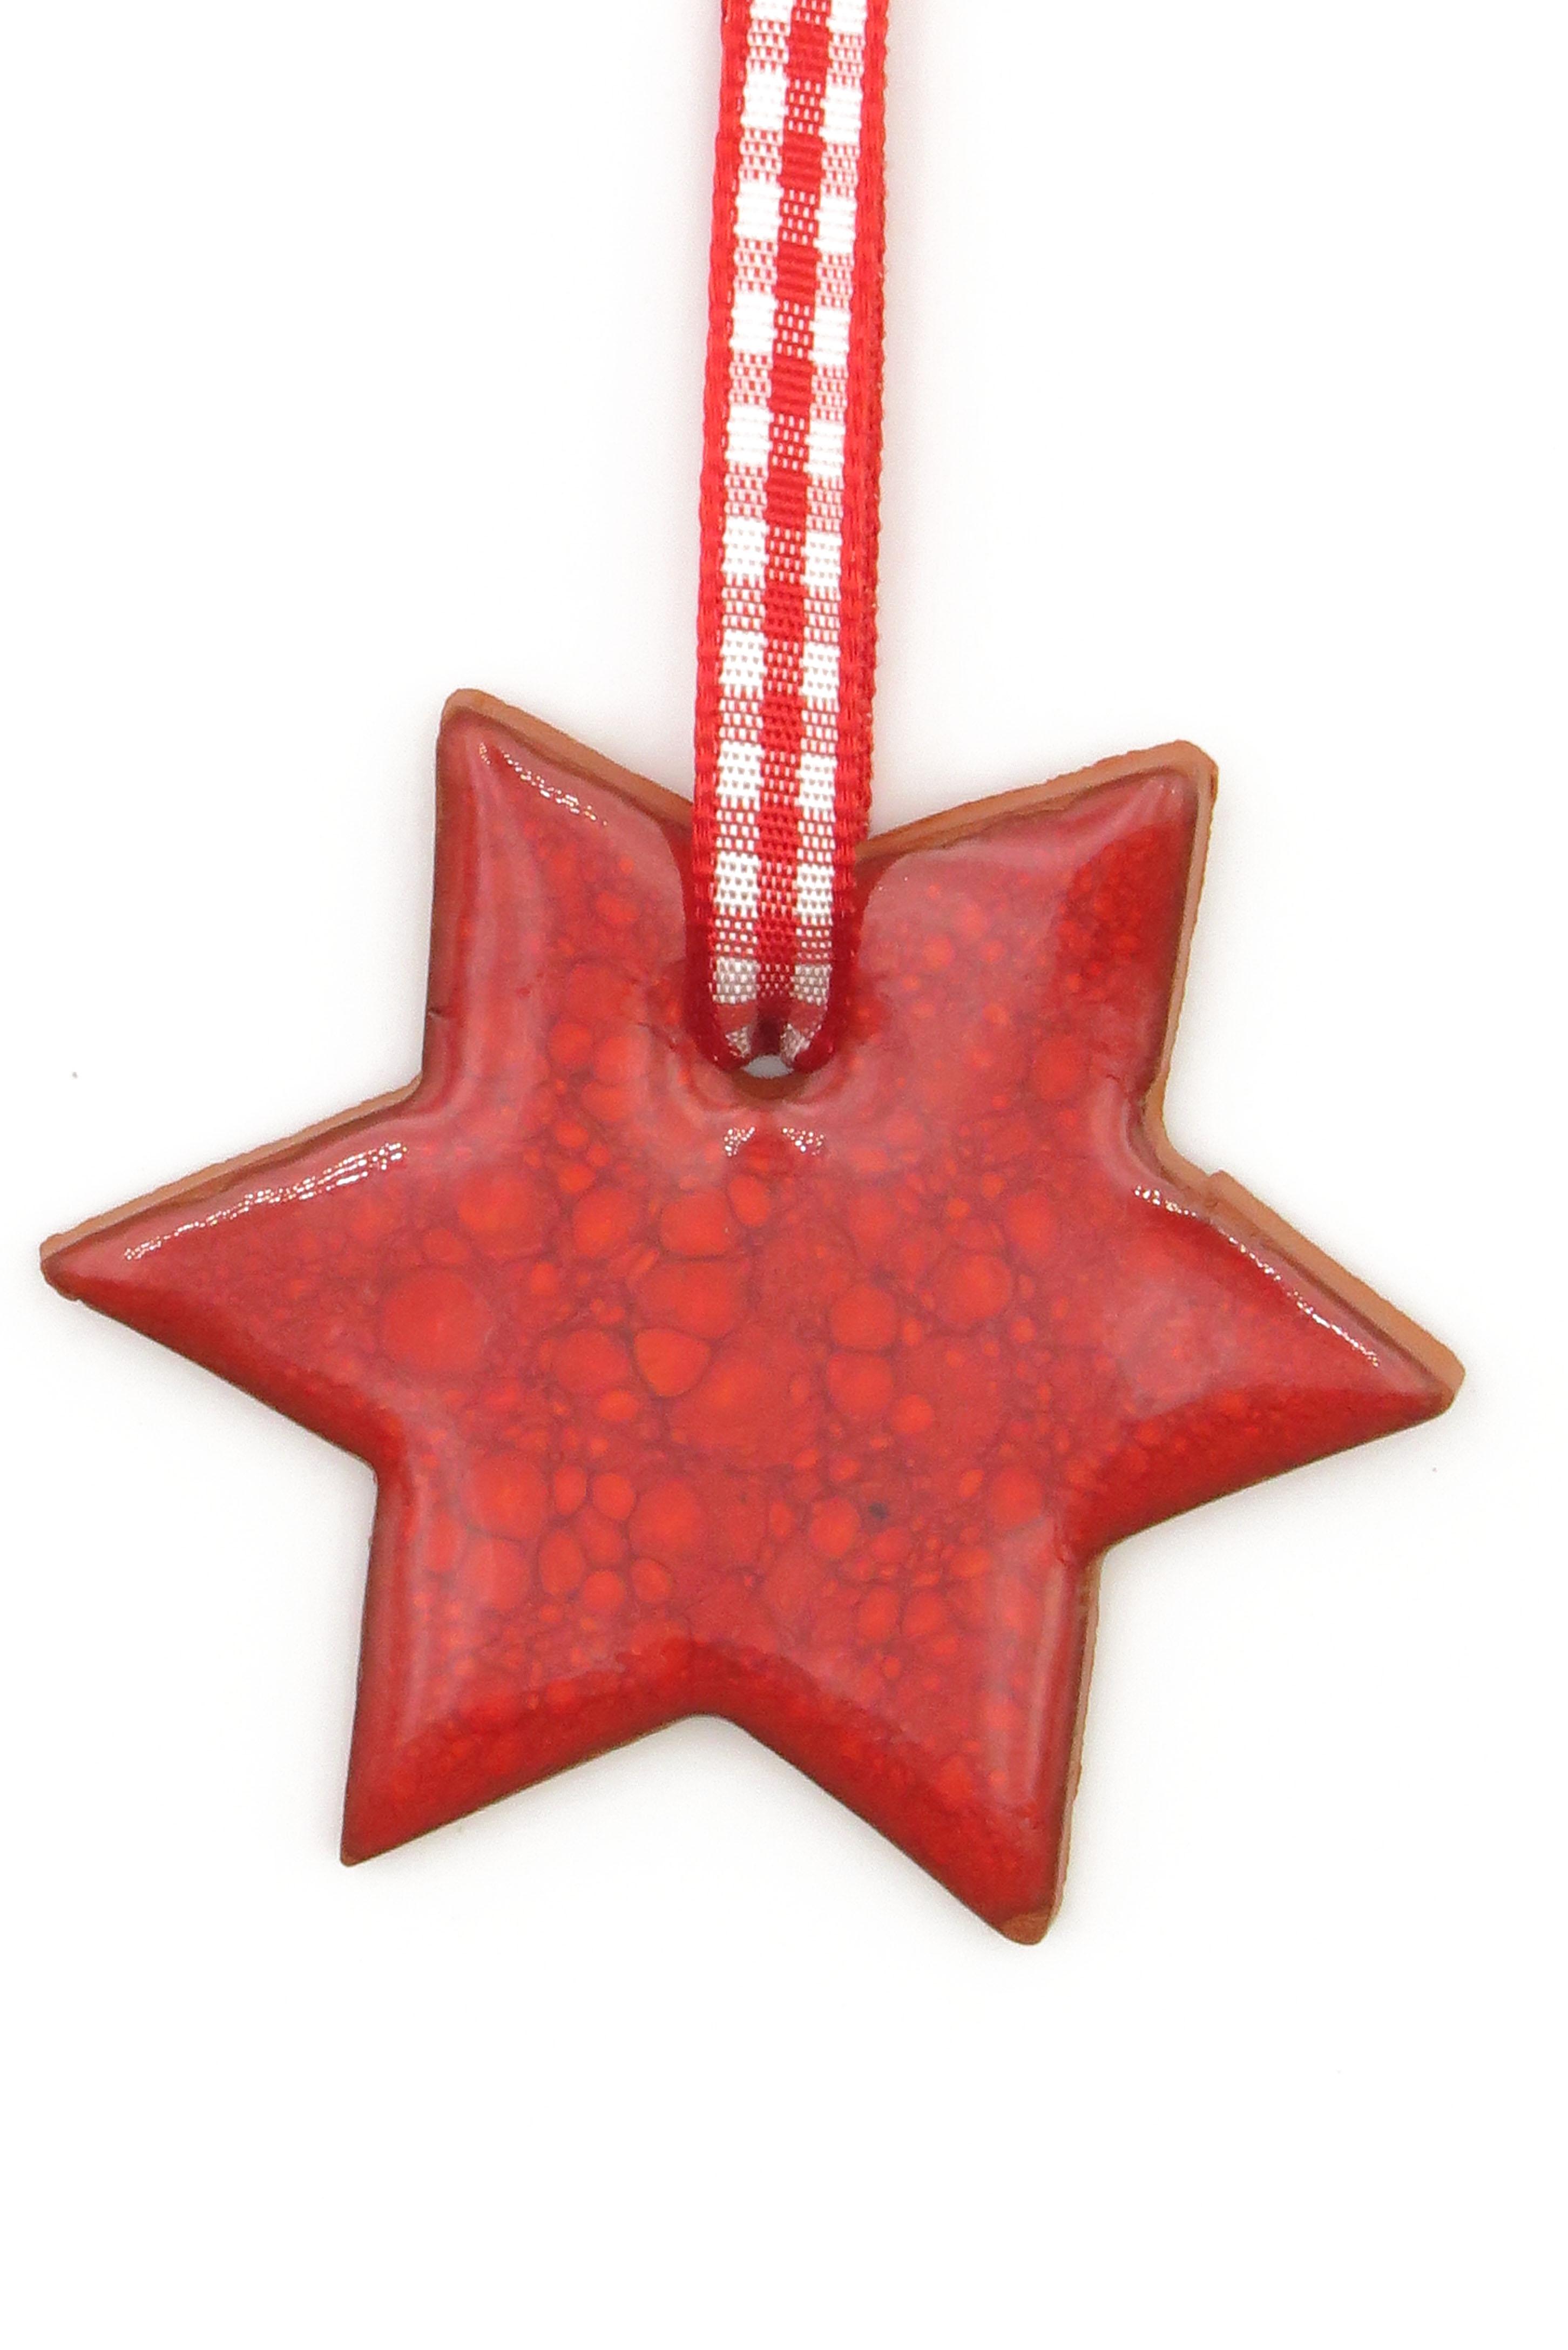 Stern Keramik Geschenk Anhänger Weihnachten rot/ M 5cm